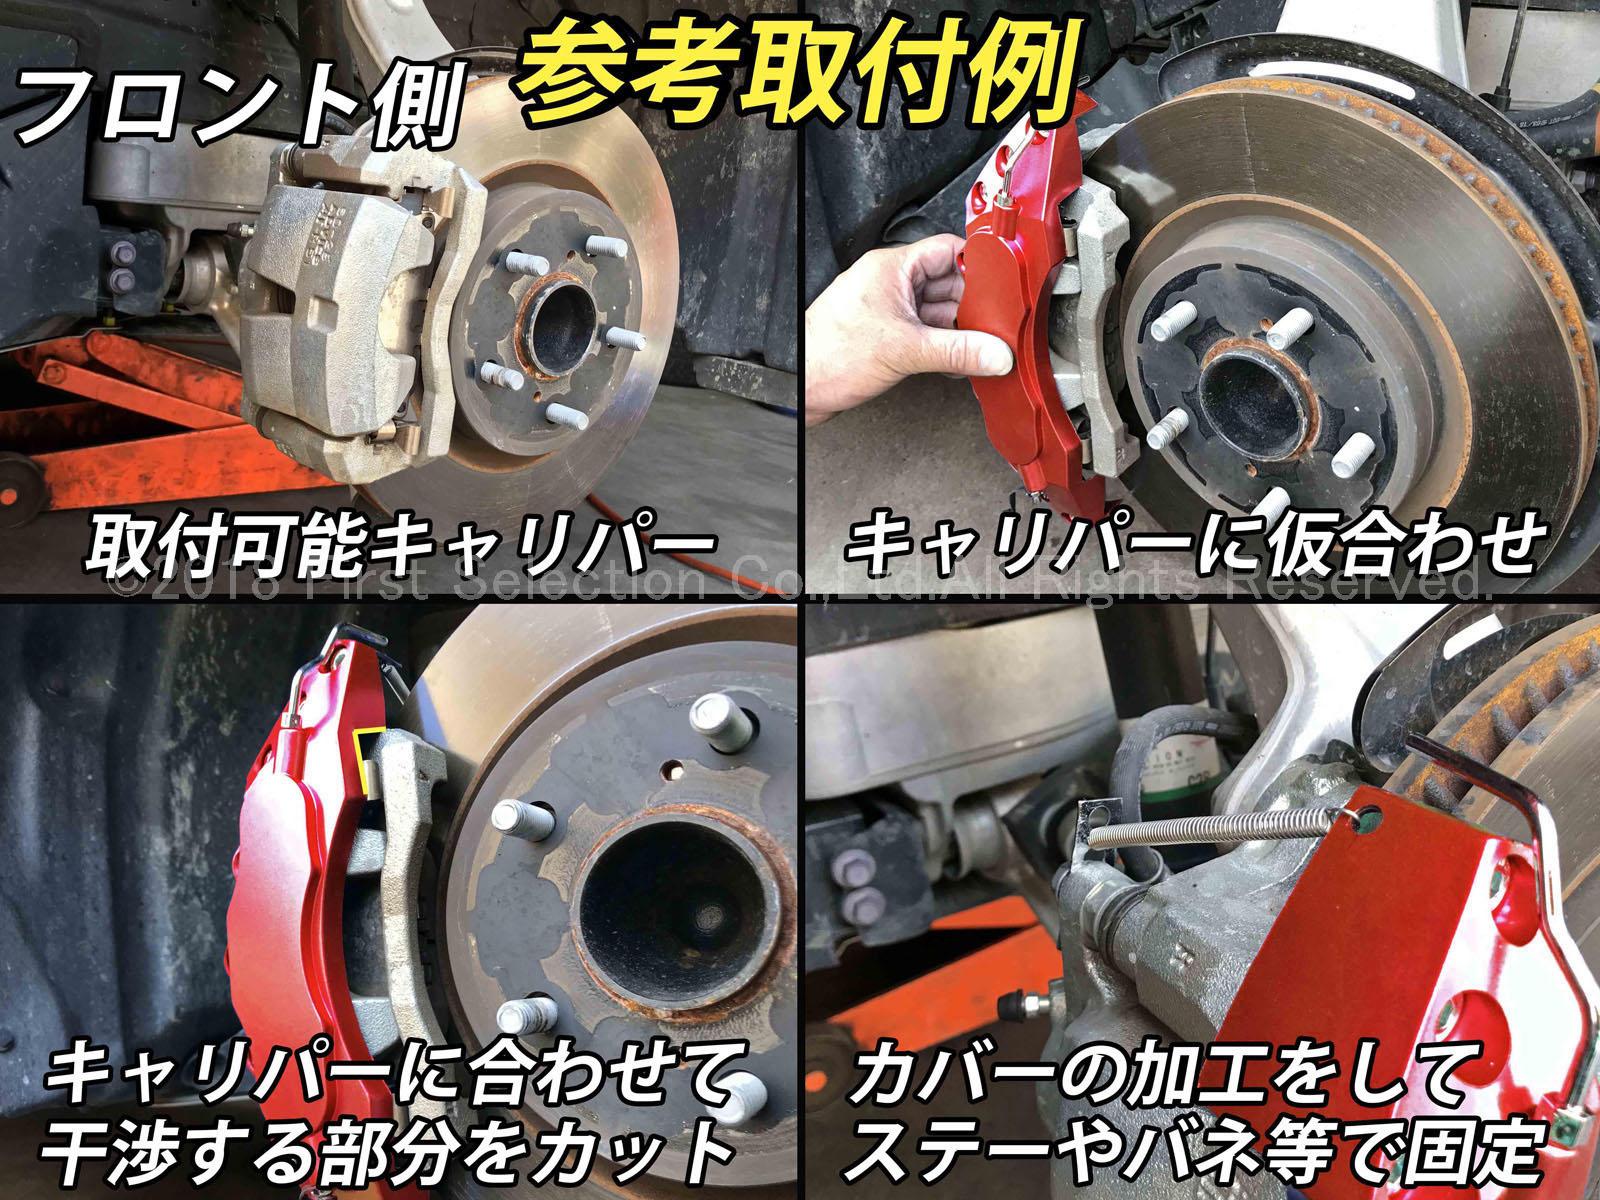 アウディ車 RSカラー 汎用高品質キャリパーカバーL/Mサイズセット 銀 シルバー